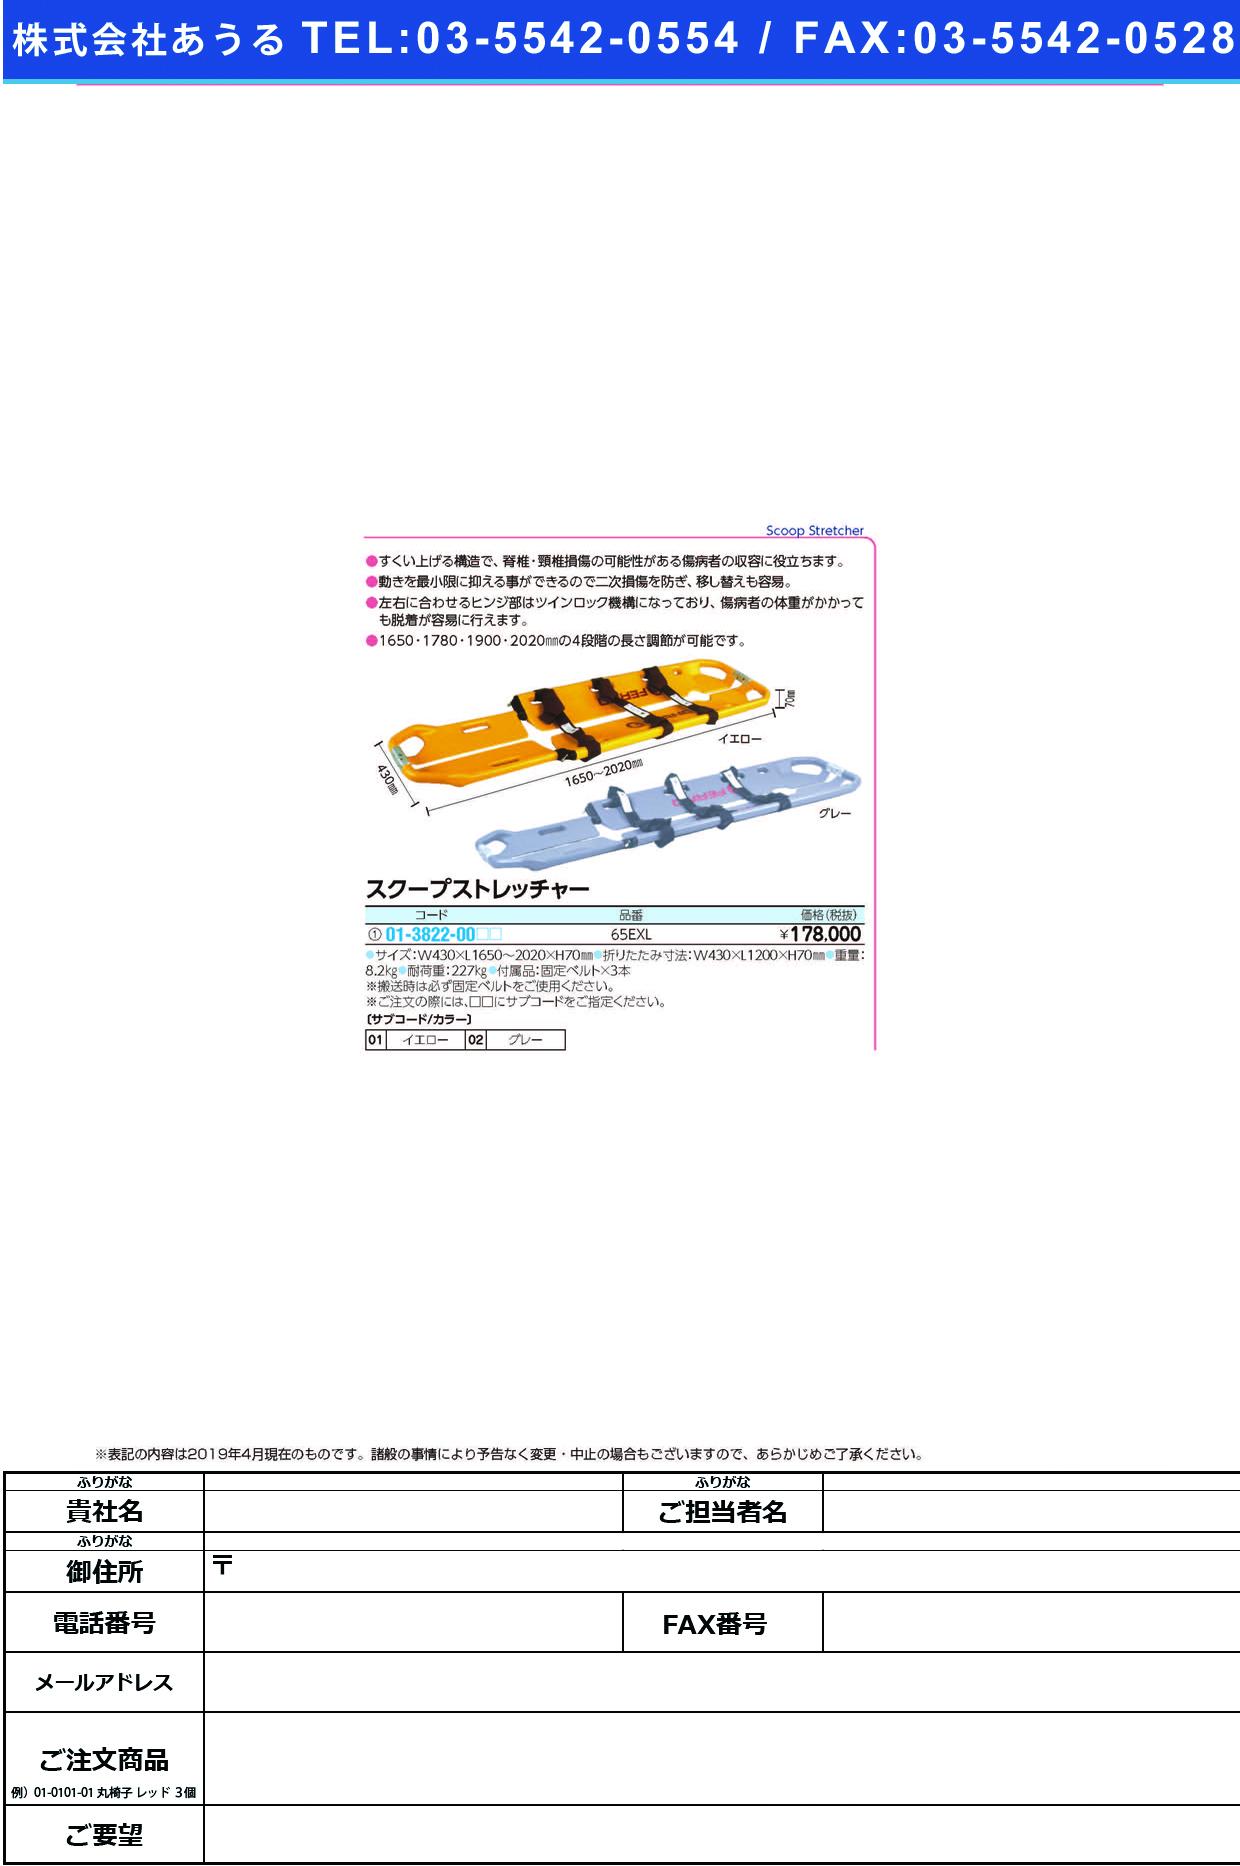 (01-3822-00)ストレッチャー(スクープエクセル) 65EXL ストレッチャー(スクープエクセル) イエロー【1台単位】【2019年カタログ商品】